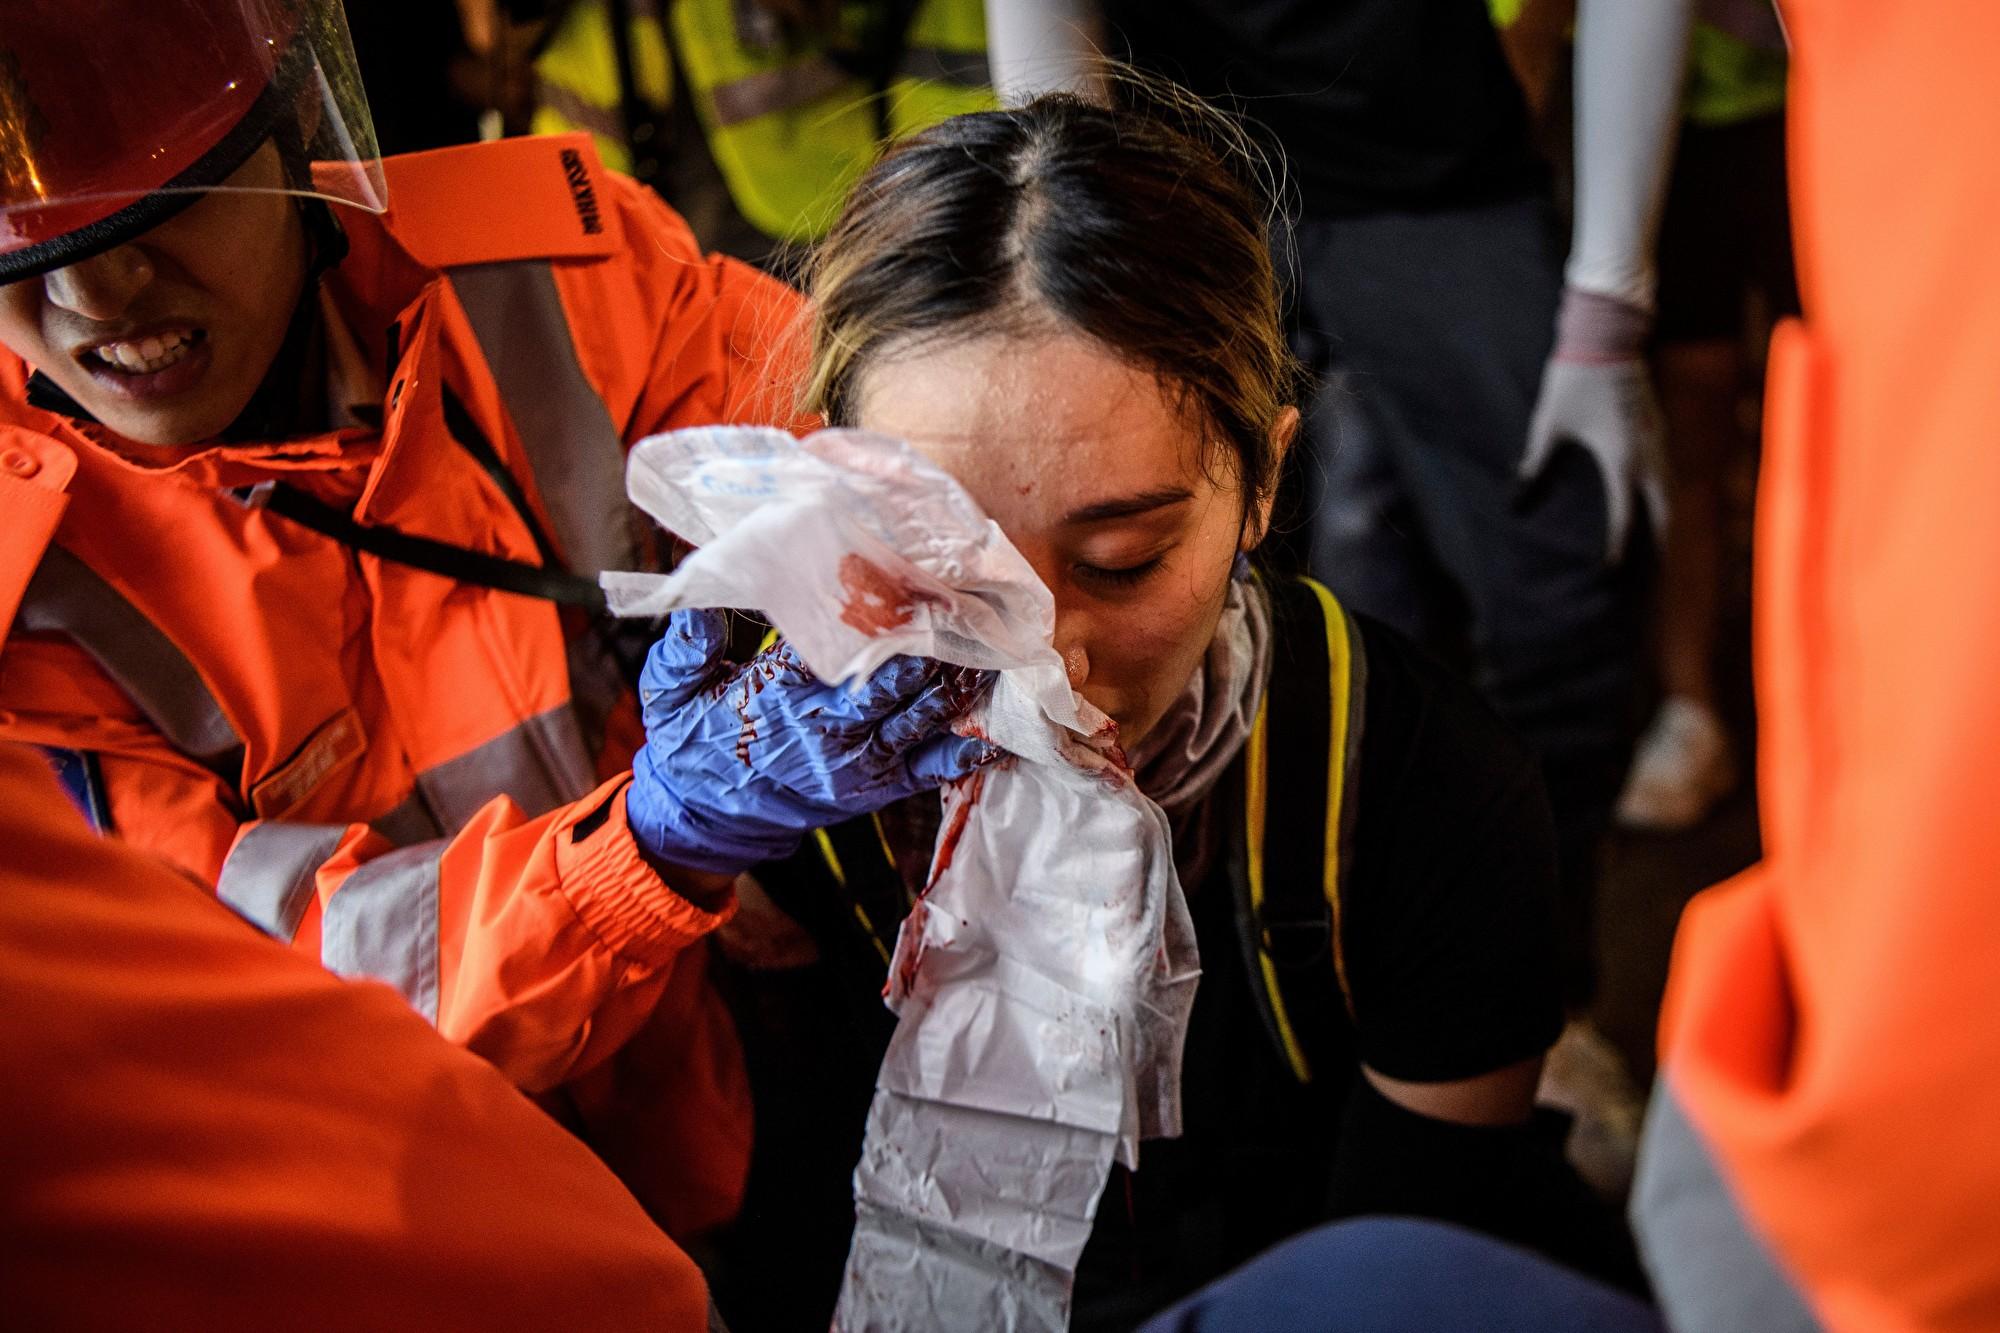 【8.11反送中組圖】衝突中警察逮人 少女眼睛中彈